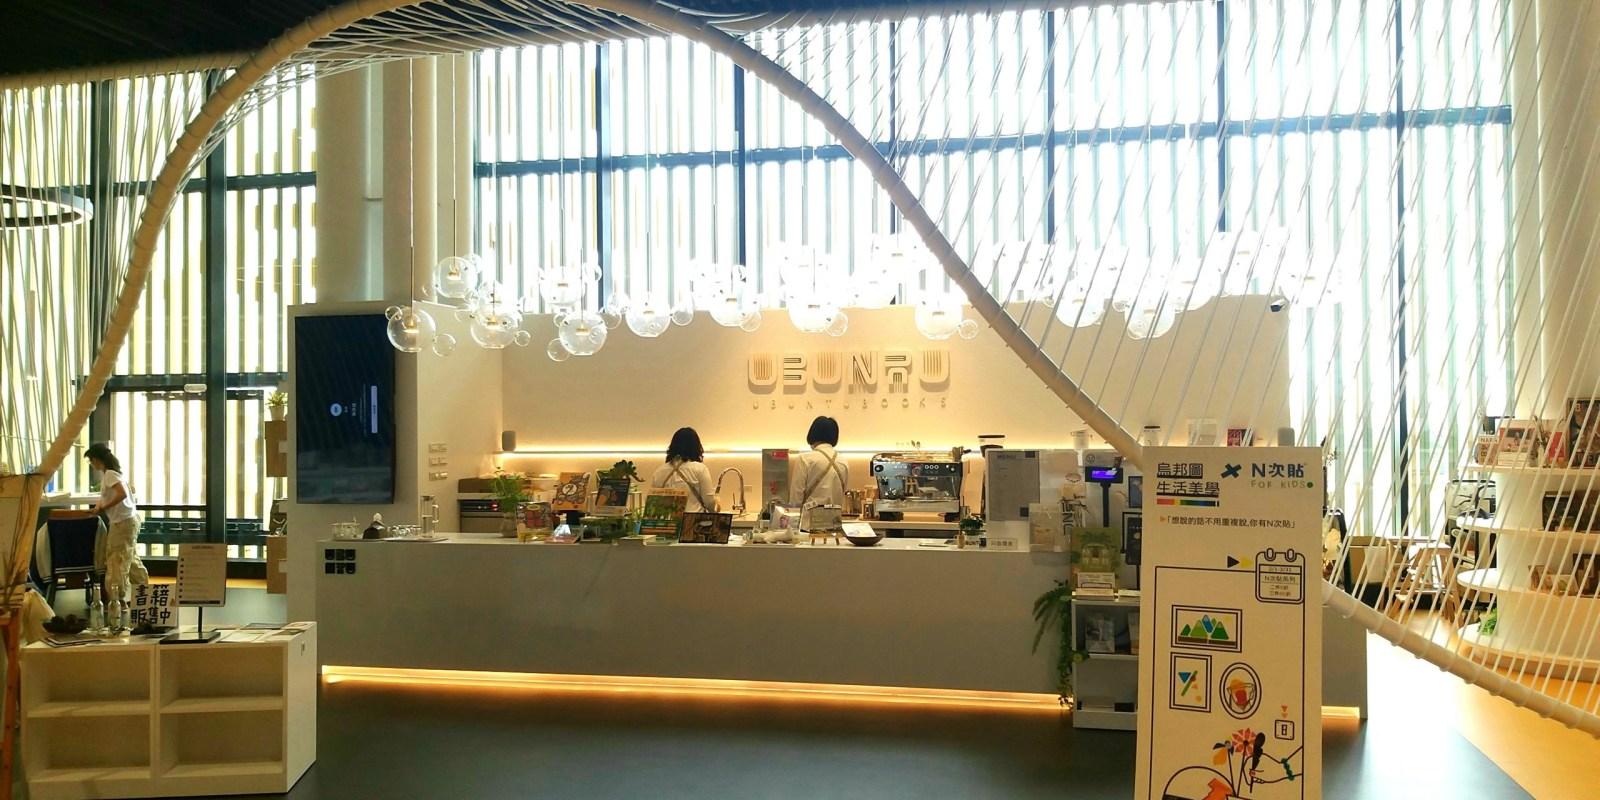 台南 永康 大橋重劃區 Ubuntu烏邦圖咖啡館總圖店